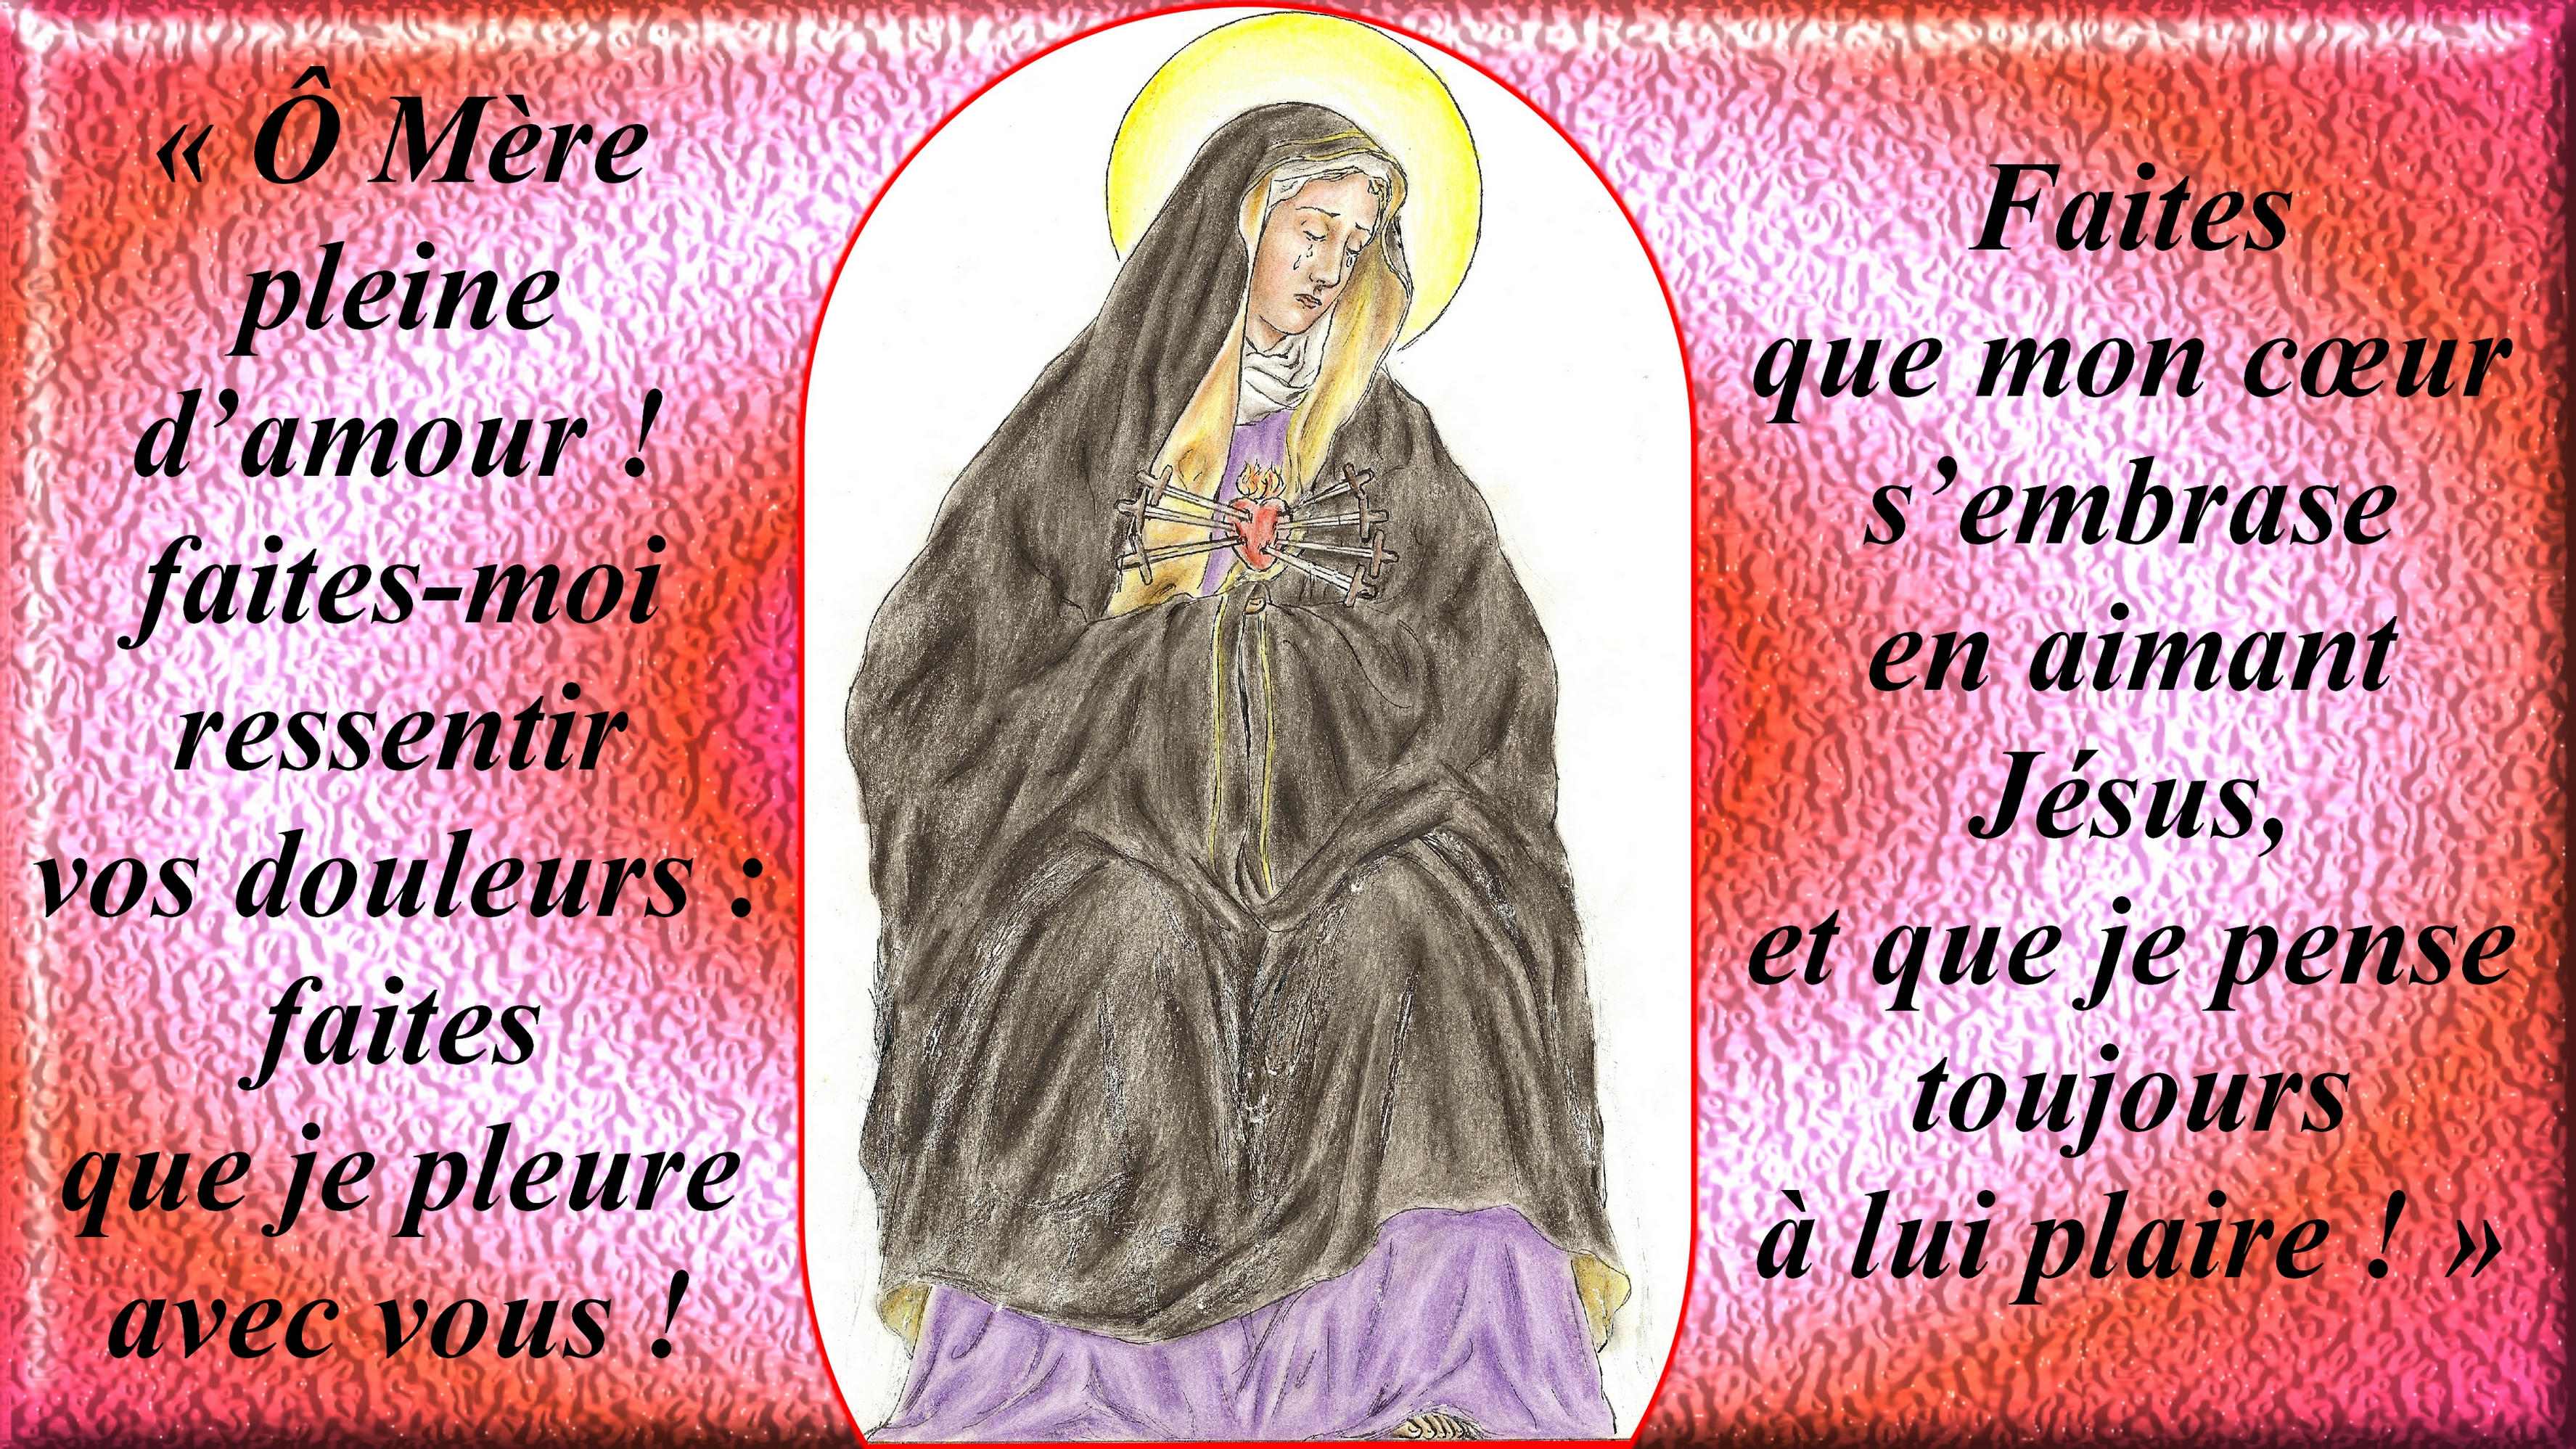 Le Rosaire en Images - Page 3 Notre-dame-des-7-douleurs-560b8b6